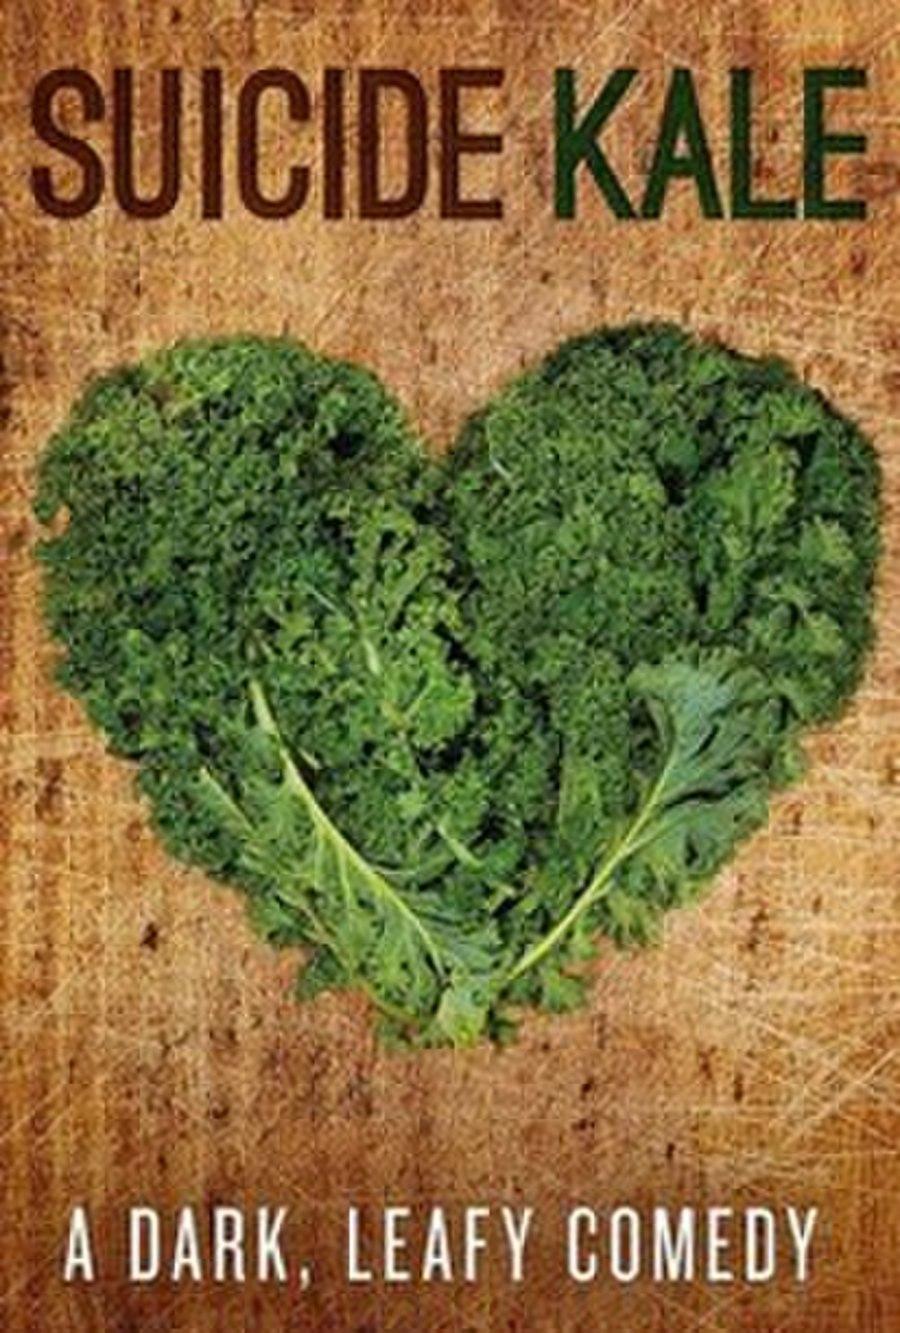 Suicide Kale